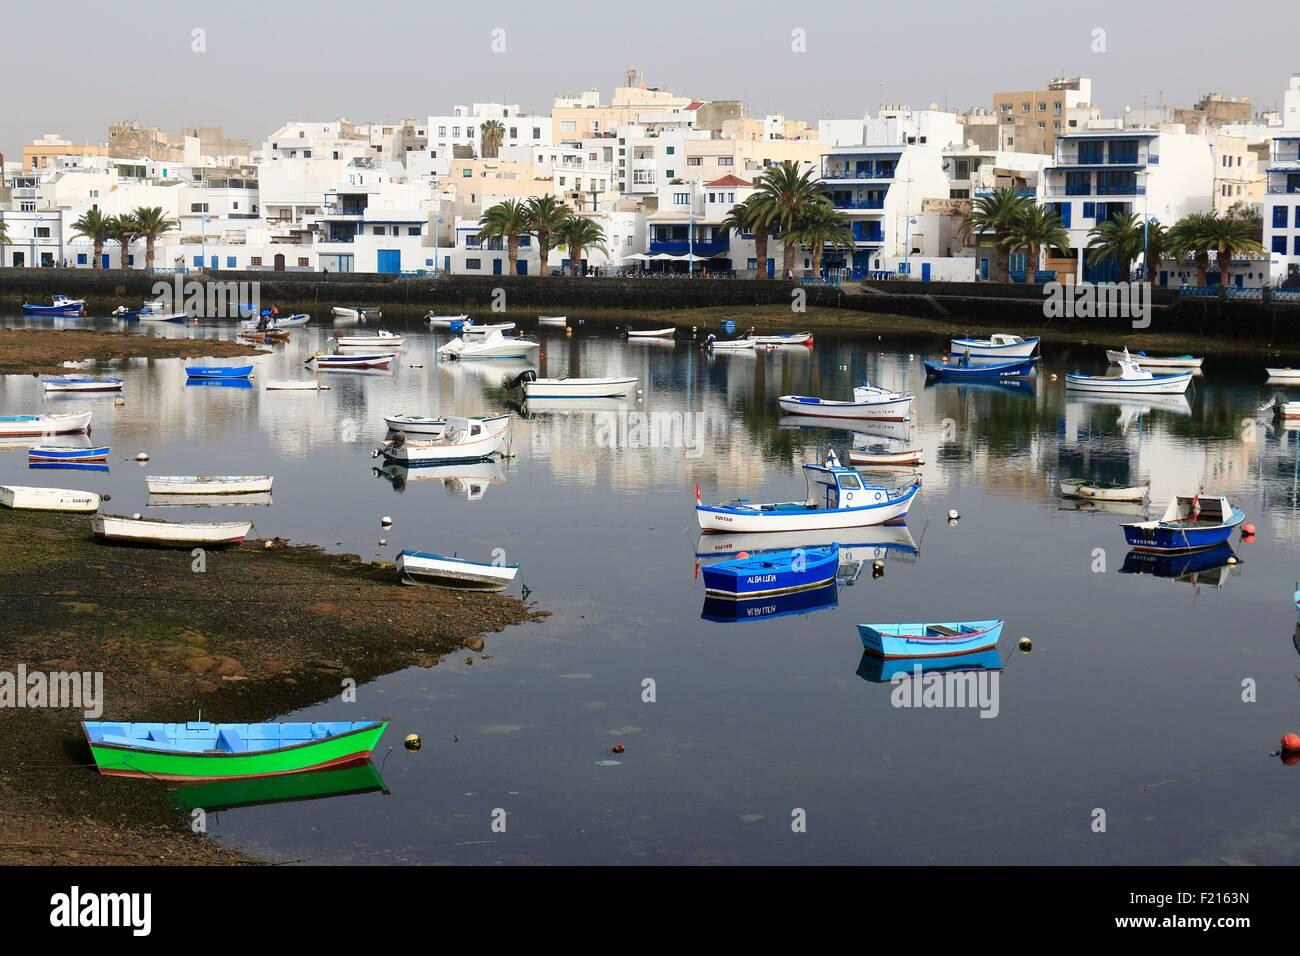 Spain, Canaries Islands, Lanzarote island, Arrecife - Stock Image